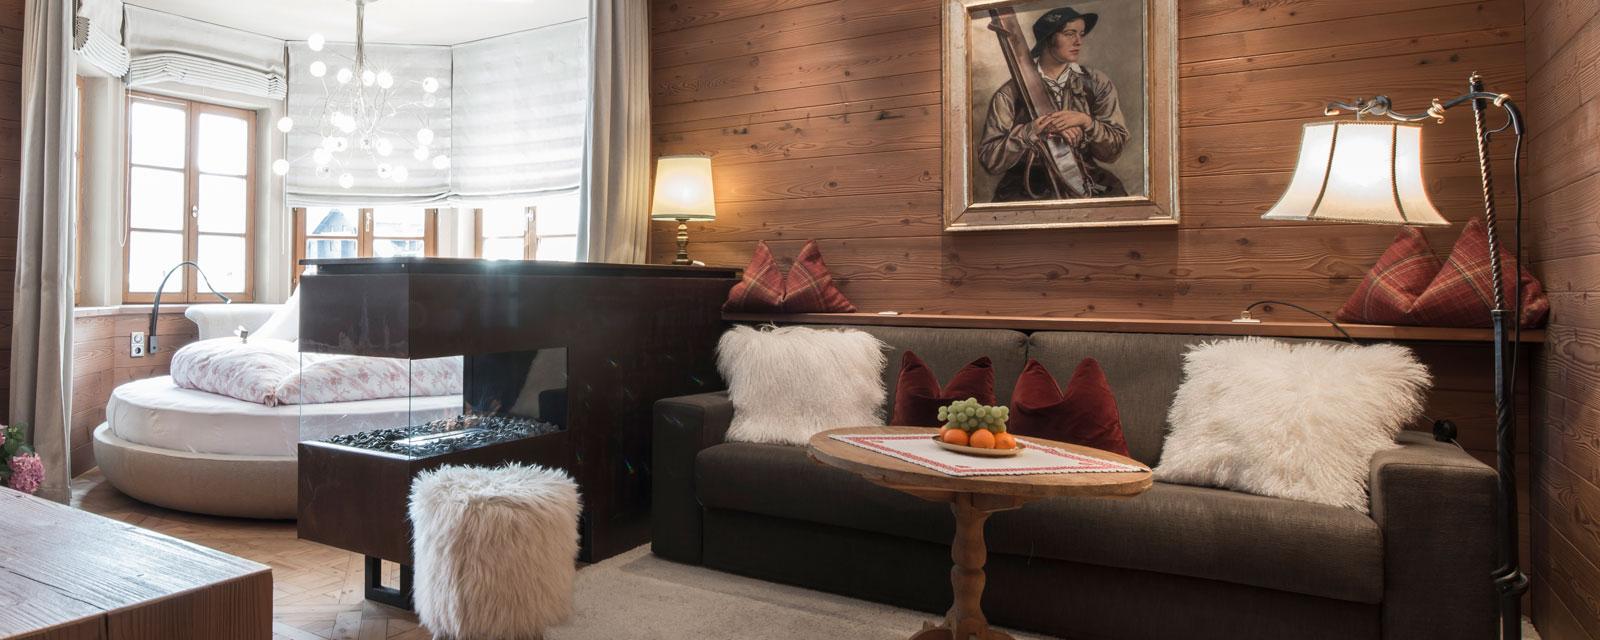 Bequemes Sofa im Bergschlössl